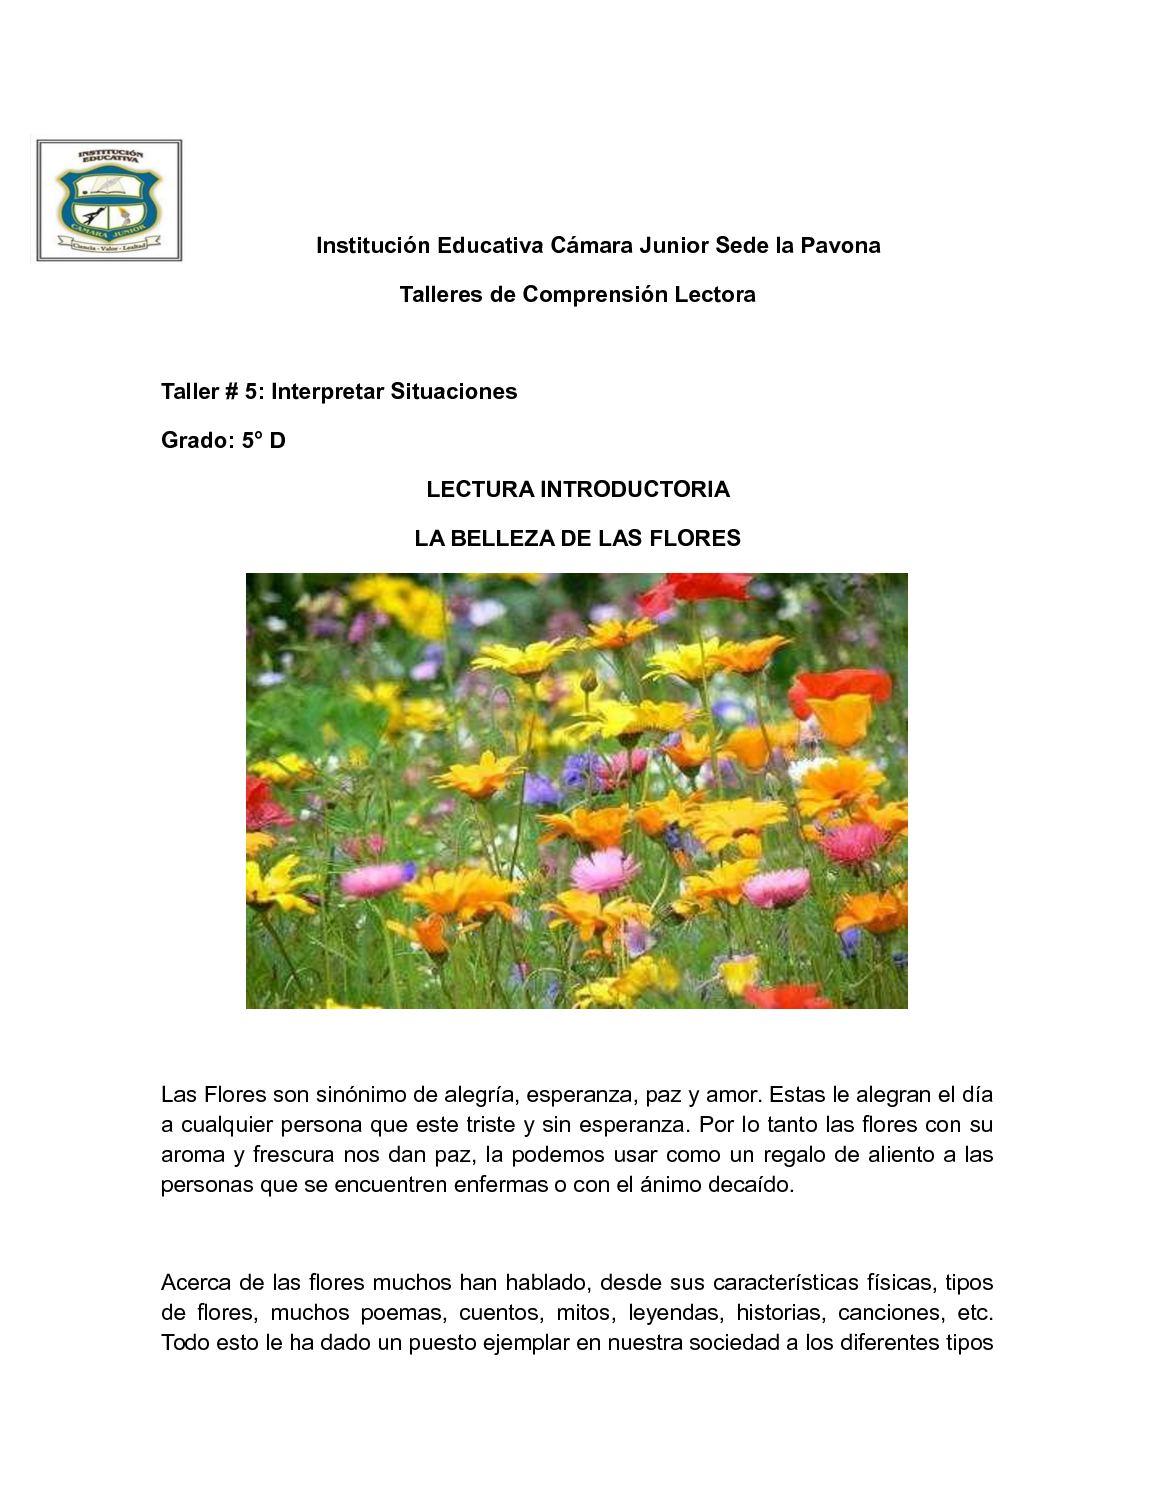 Calameo Institucion Educativa Camara Junior Sede La Pavona 5